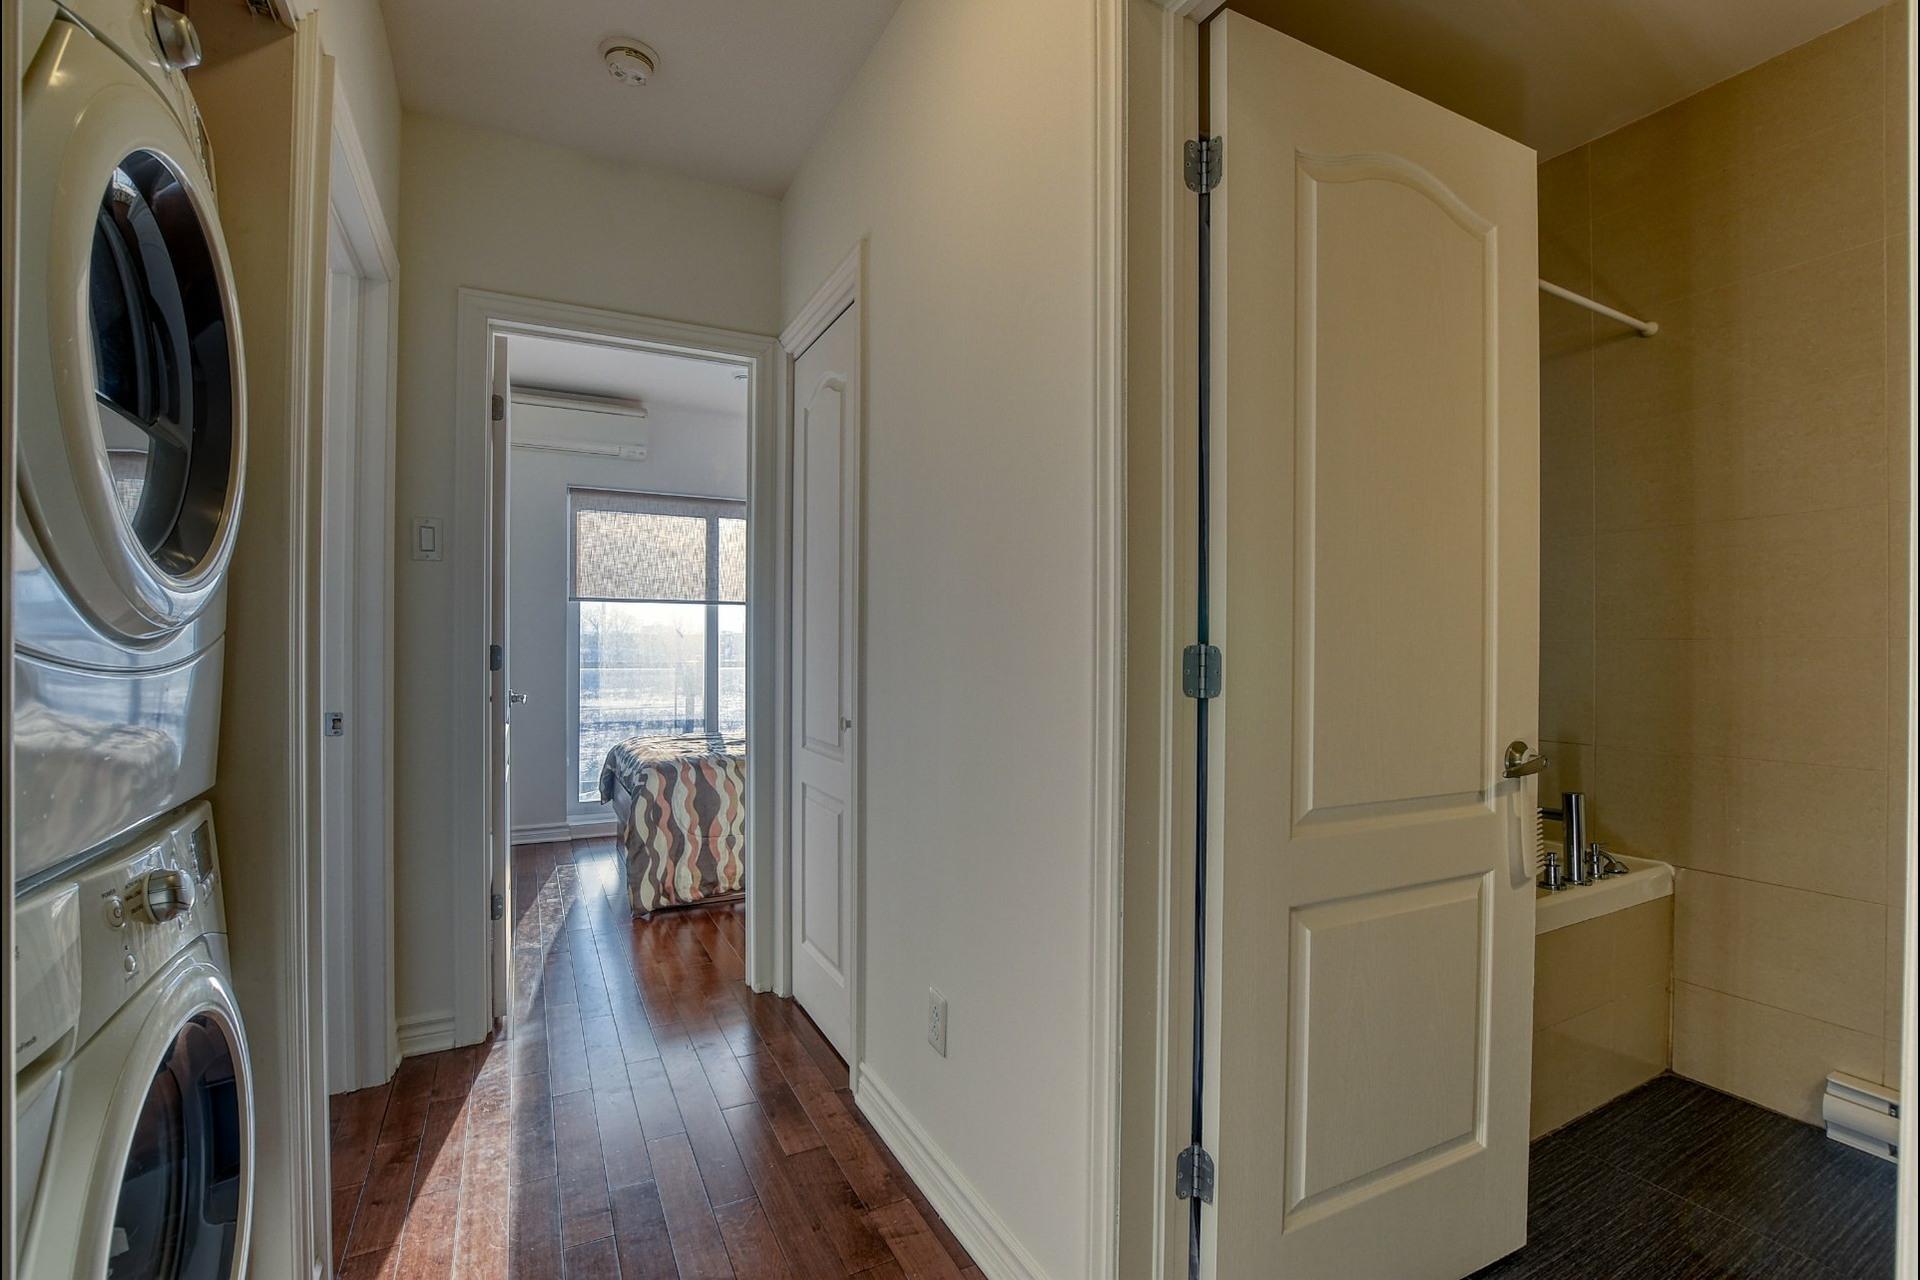 image 16 - Apartment For sale Saint-Laurent Montréal  - 7 rooms